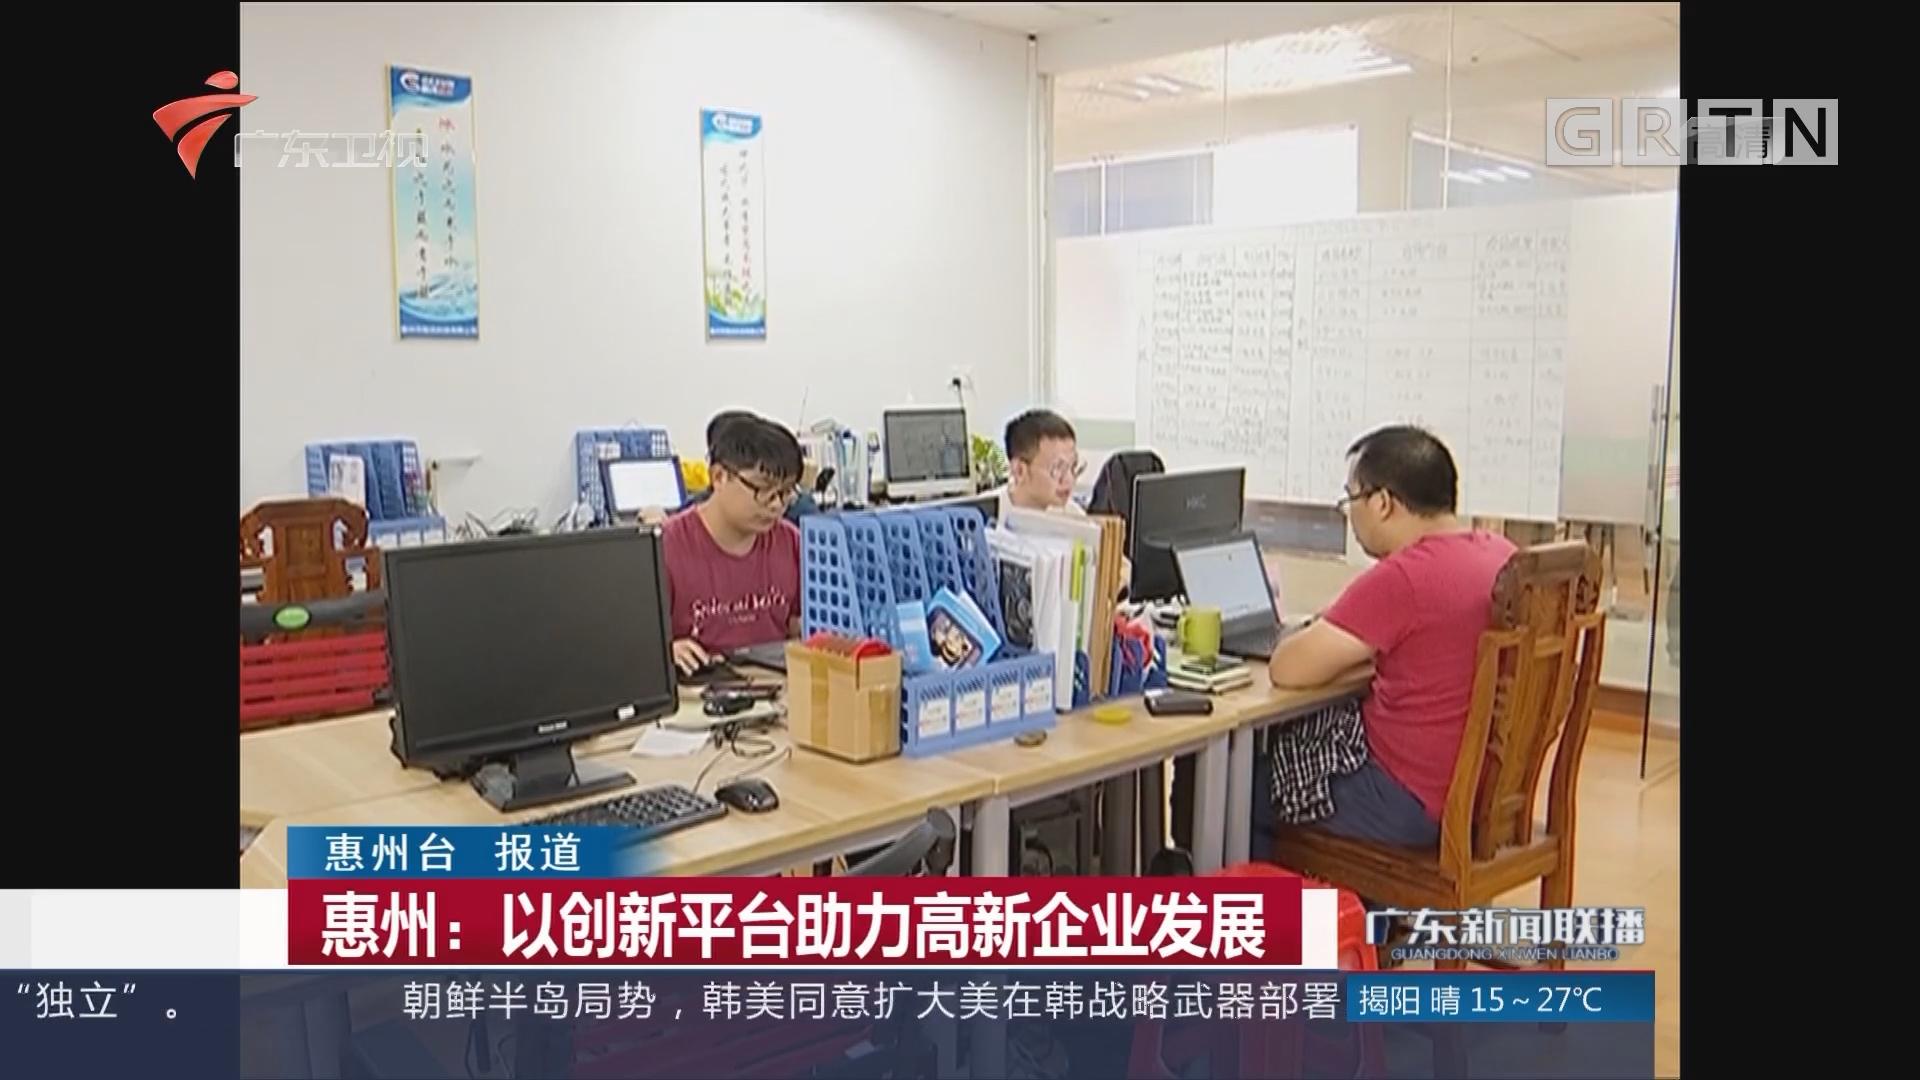 惠州:以创新平台助力高新企业发展